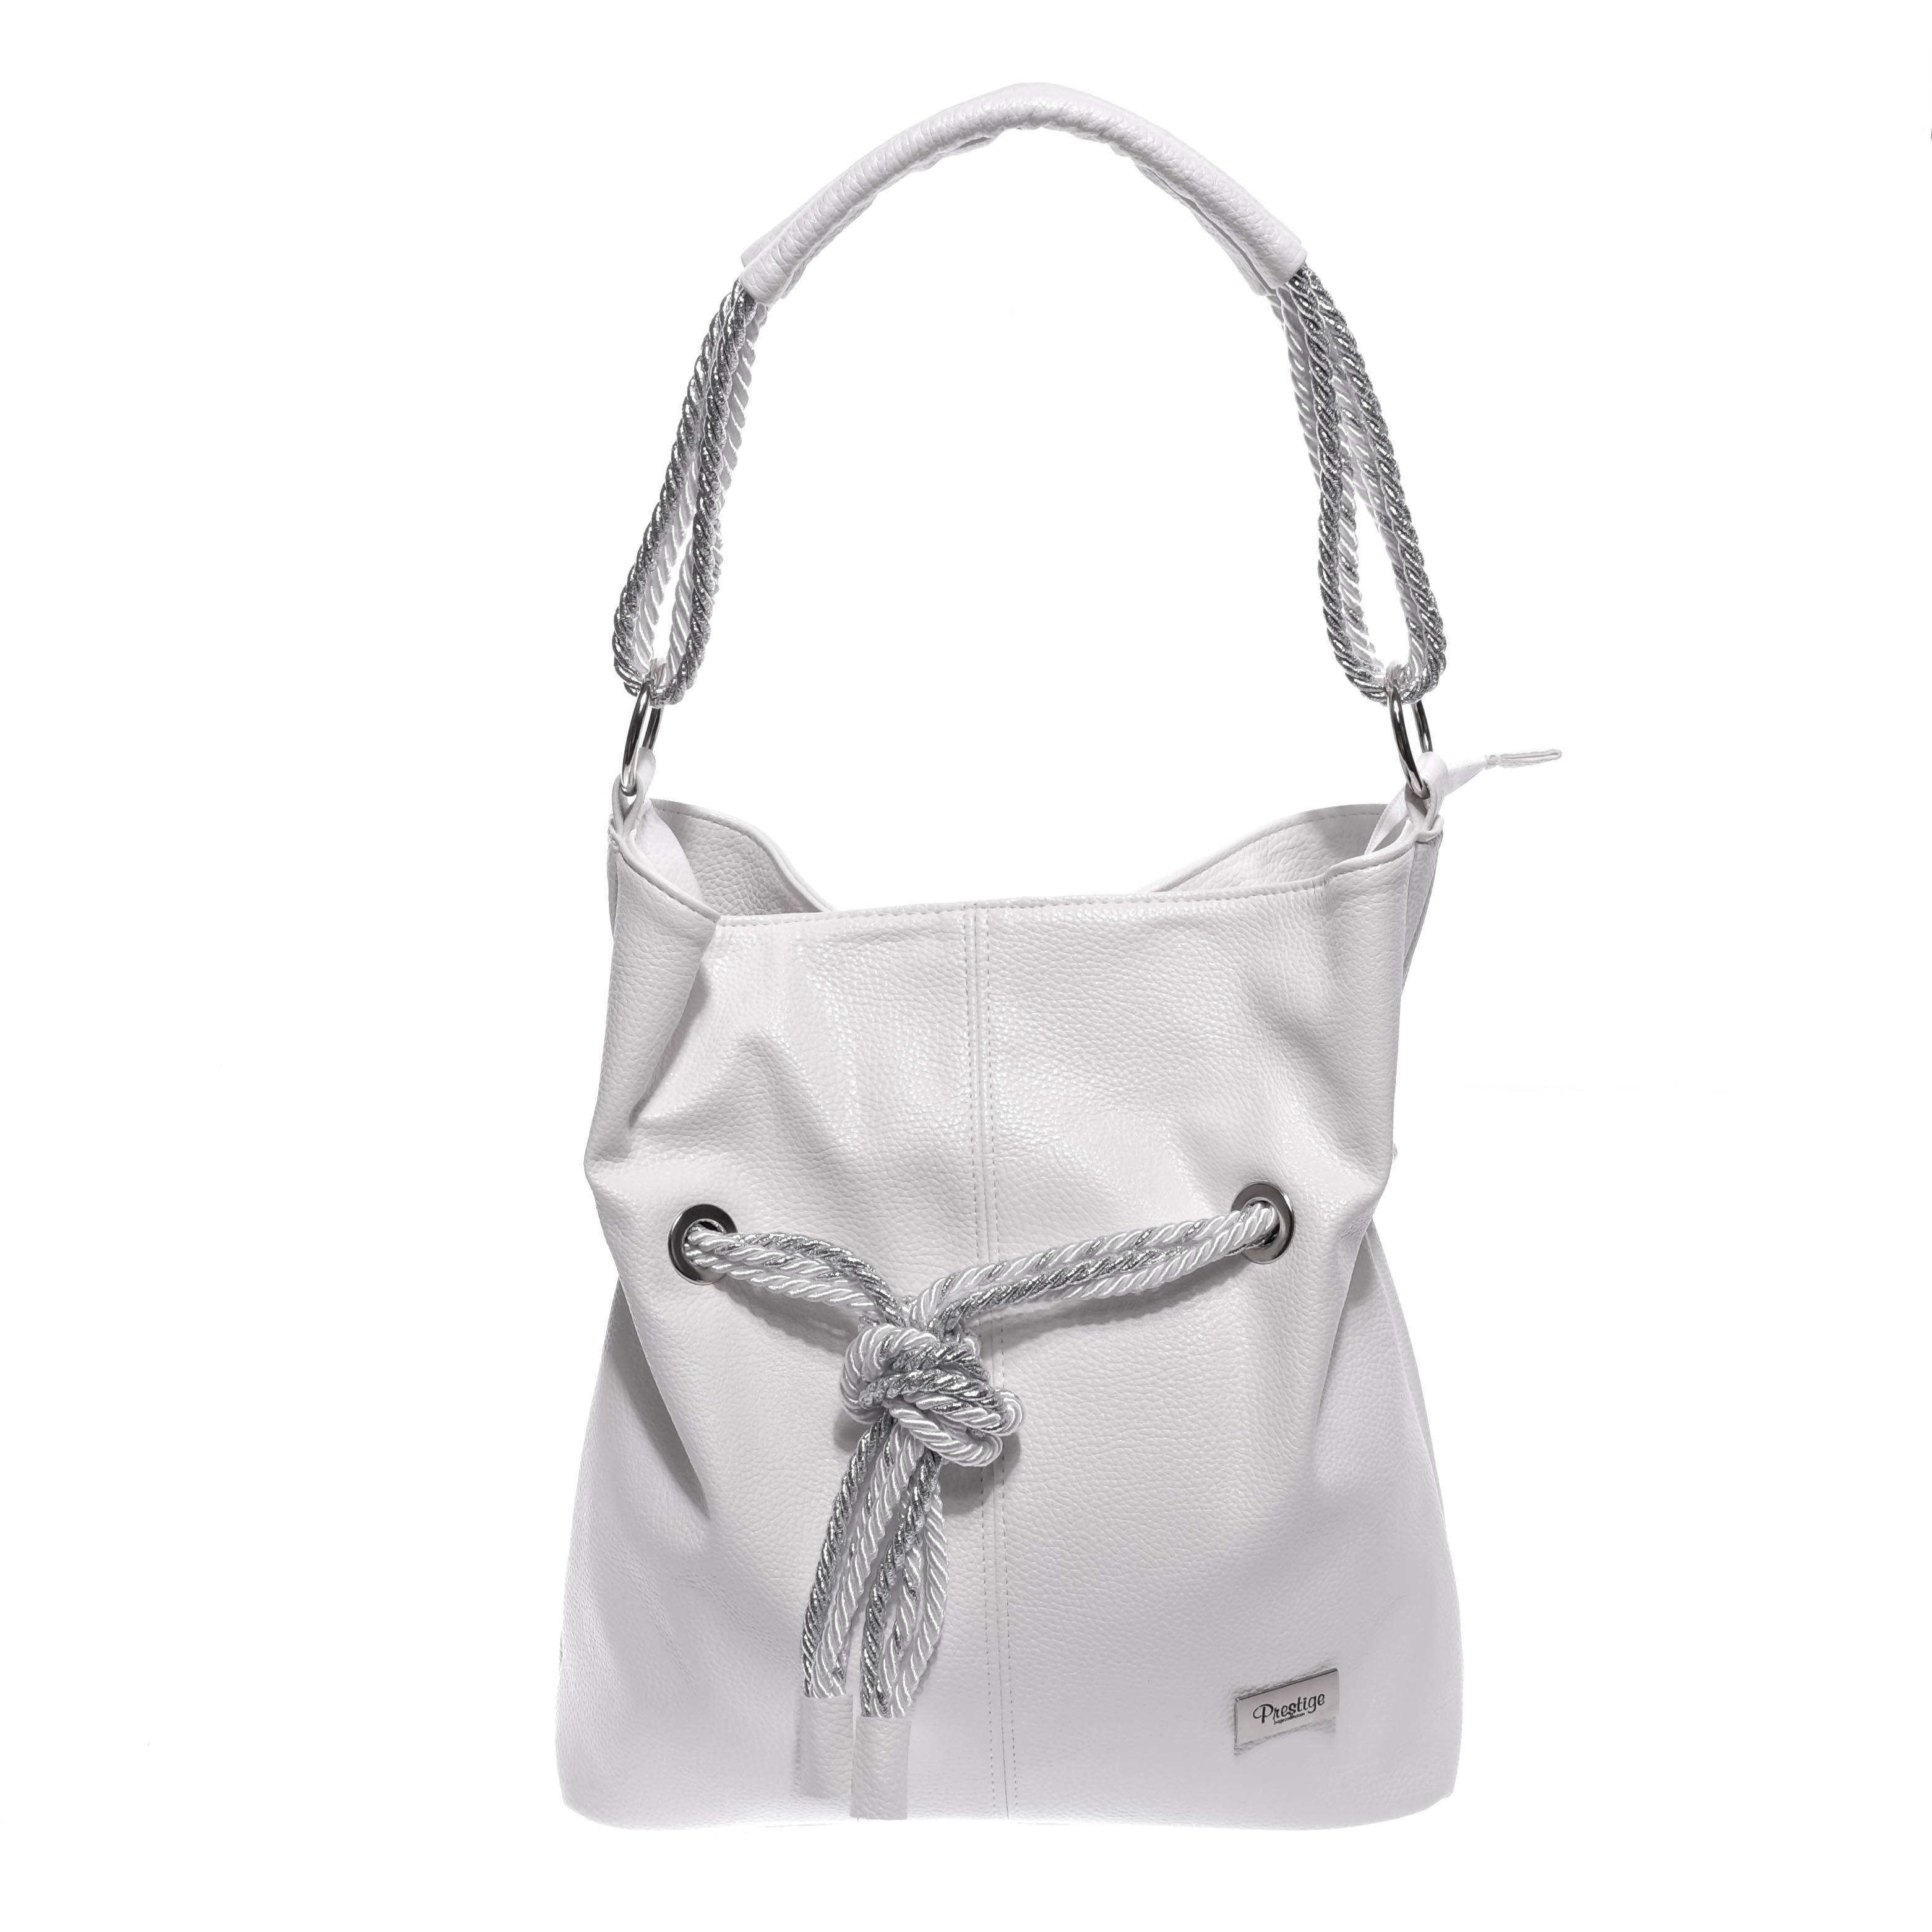 Prestige Fehér Női Rostbőr Válltáska - Válltáskák - Táska webáruház - Minőségi  táskák mindenkinek a561612bfe